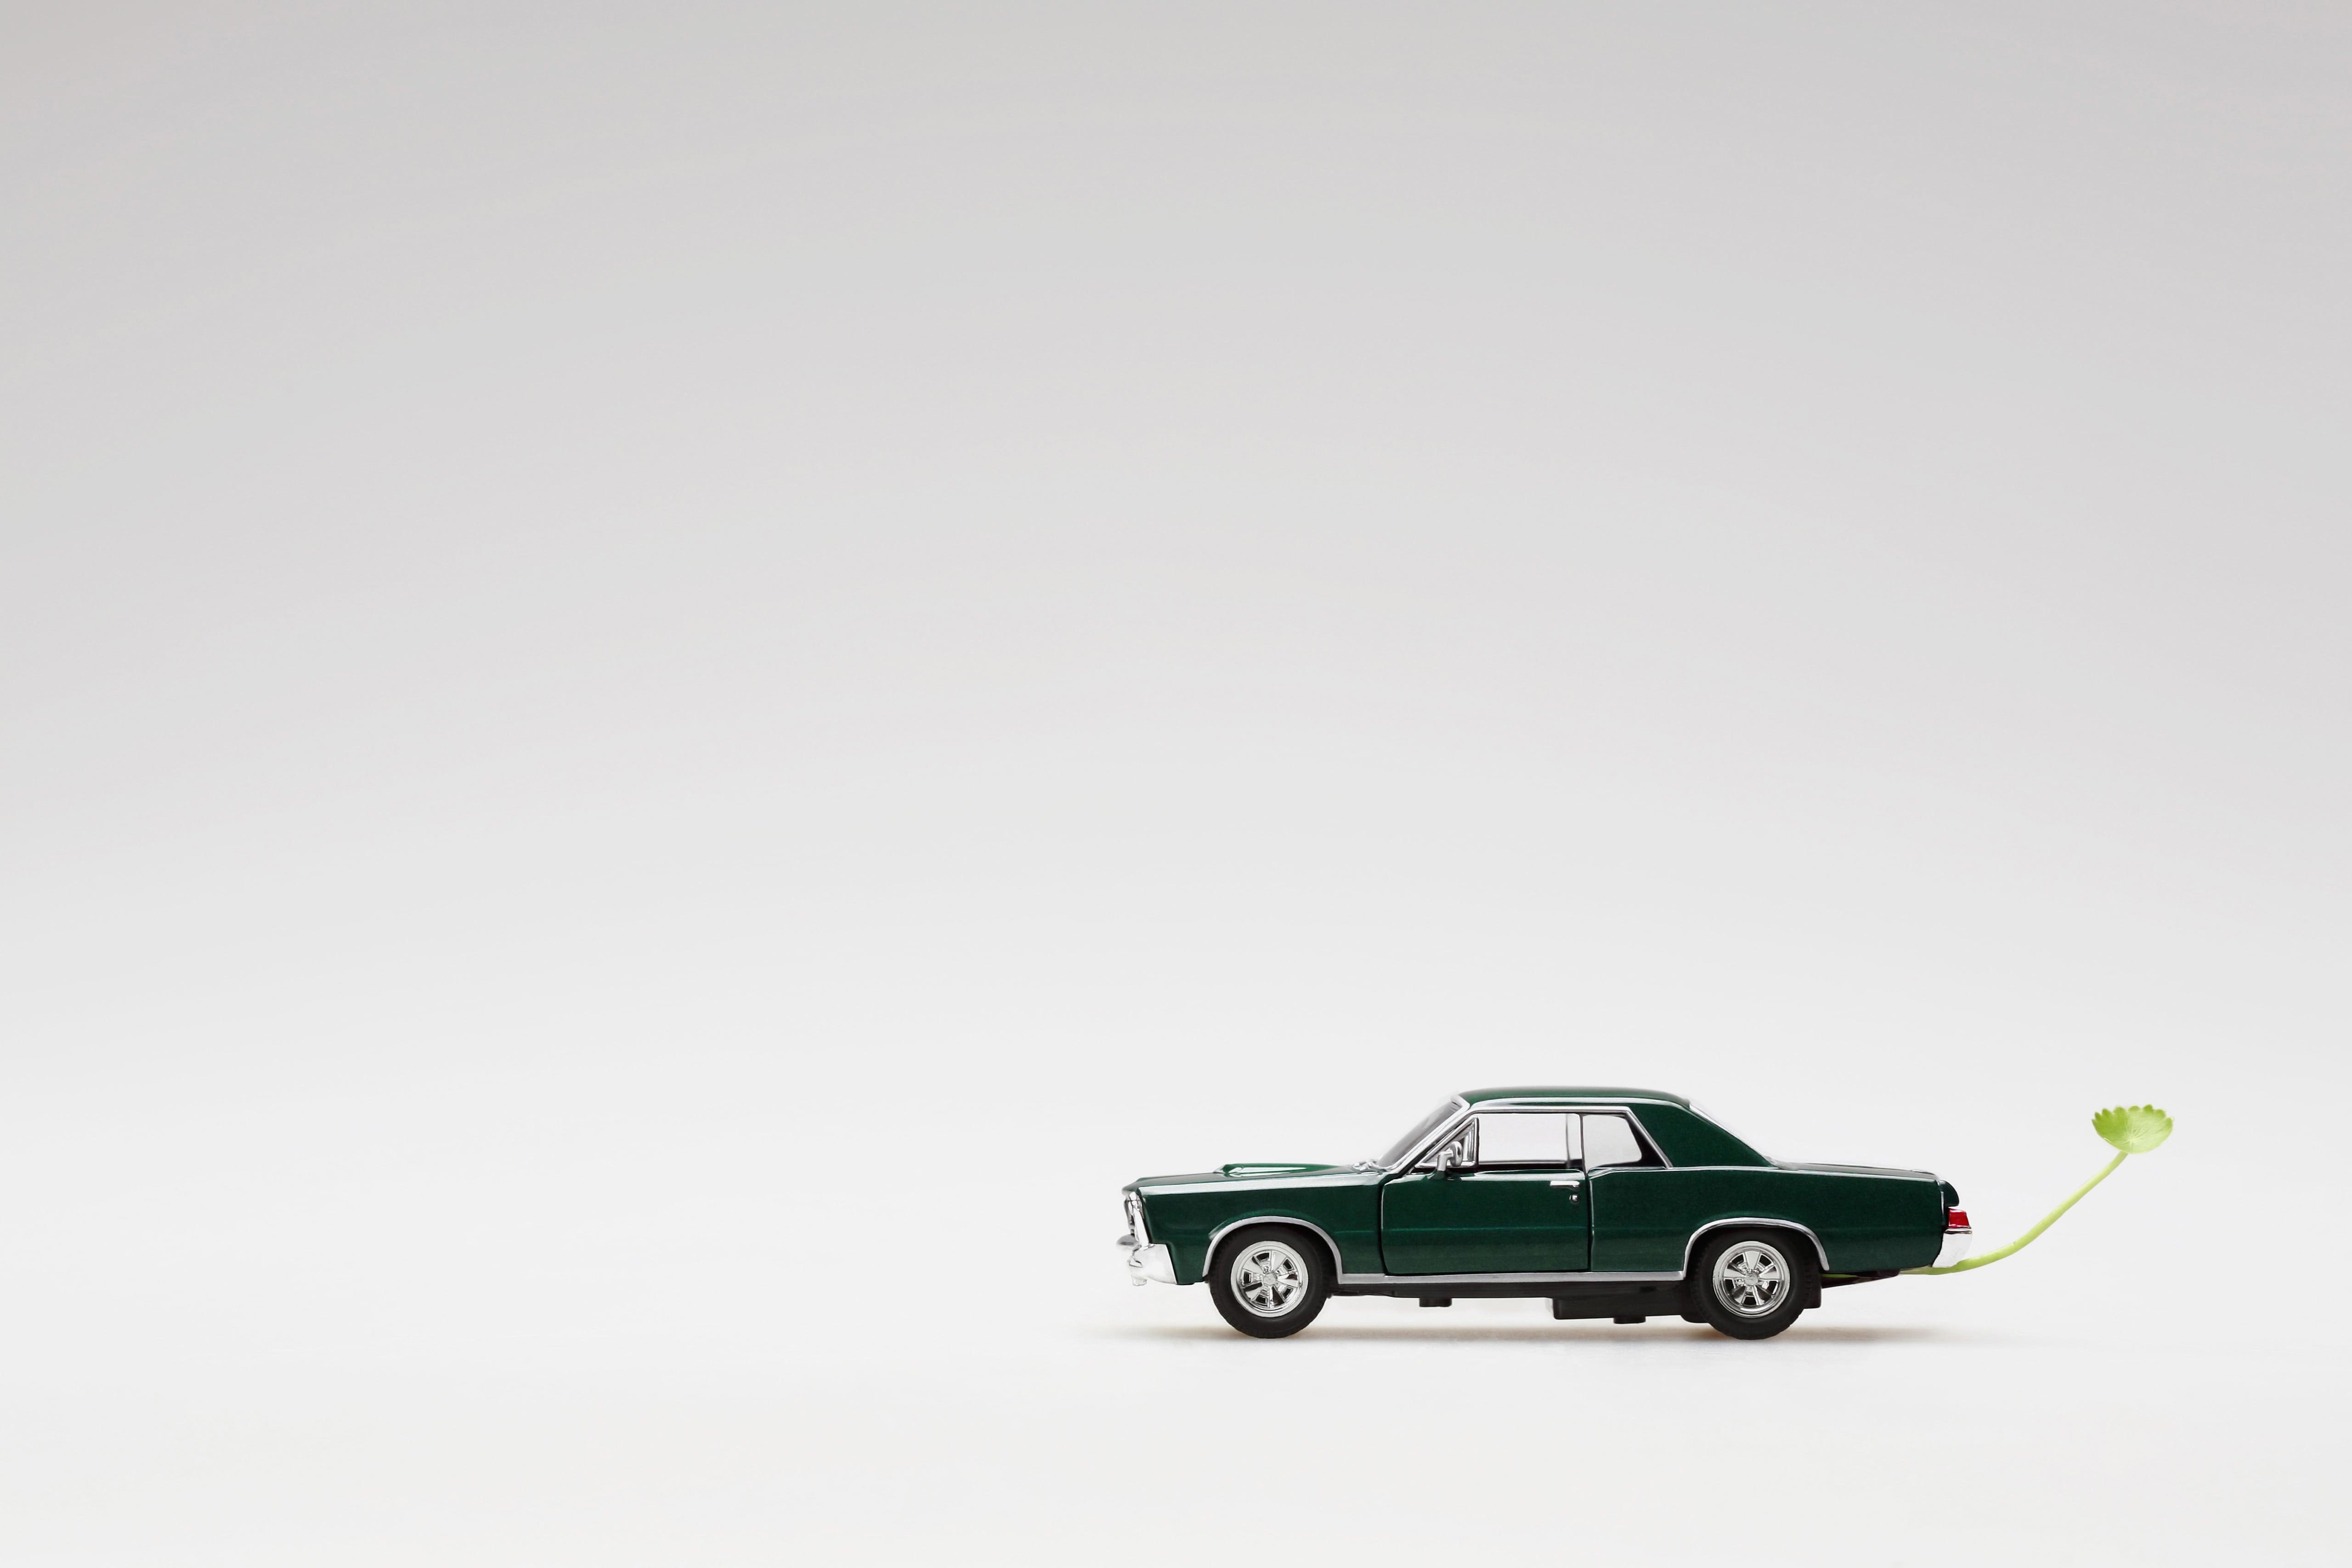 גולן בכור סוחר רכב – תנו למקצוענים לעשות את העבודה